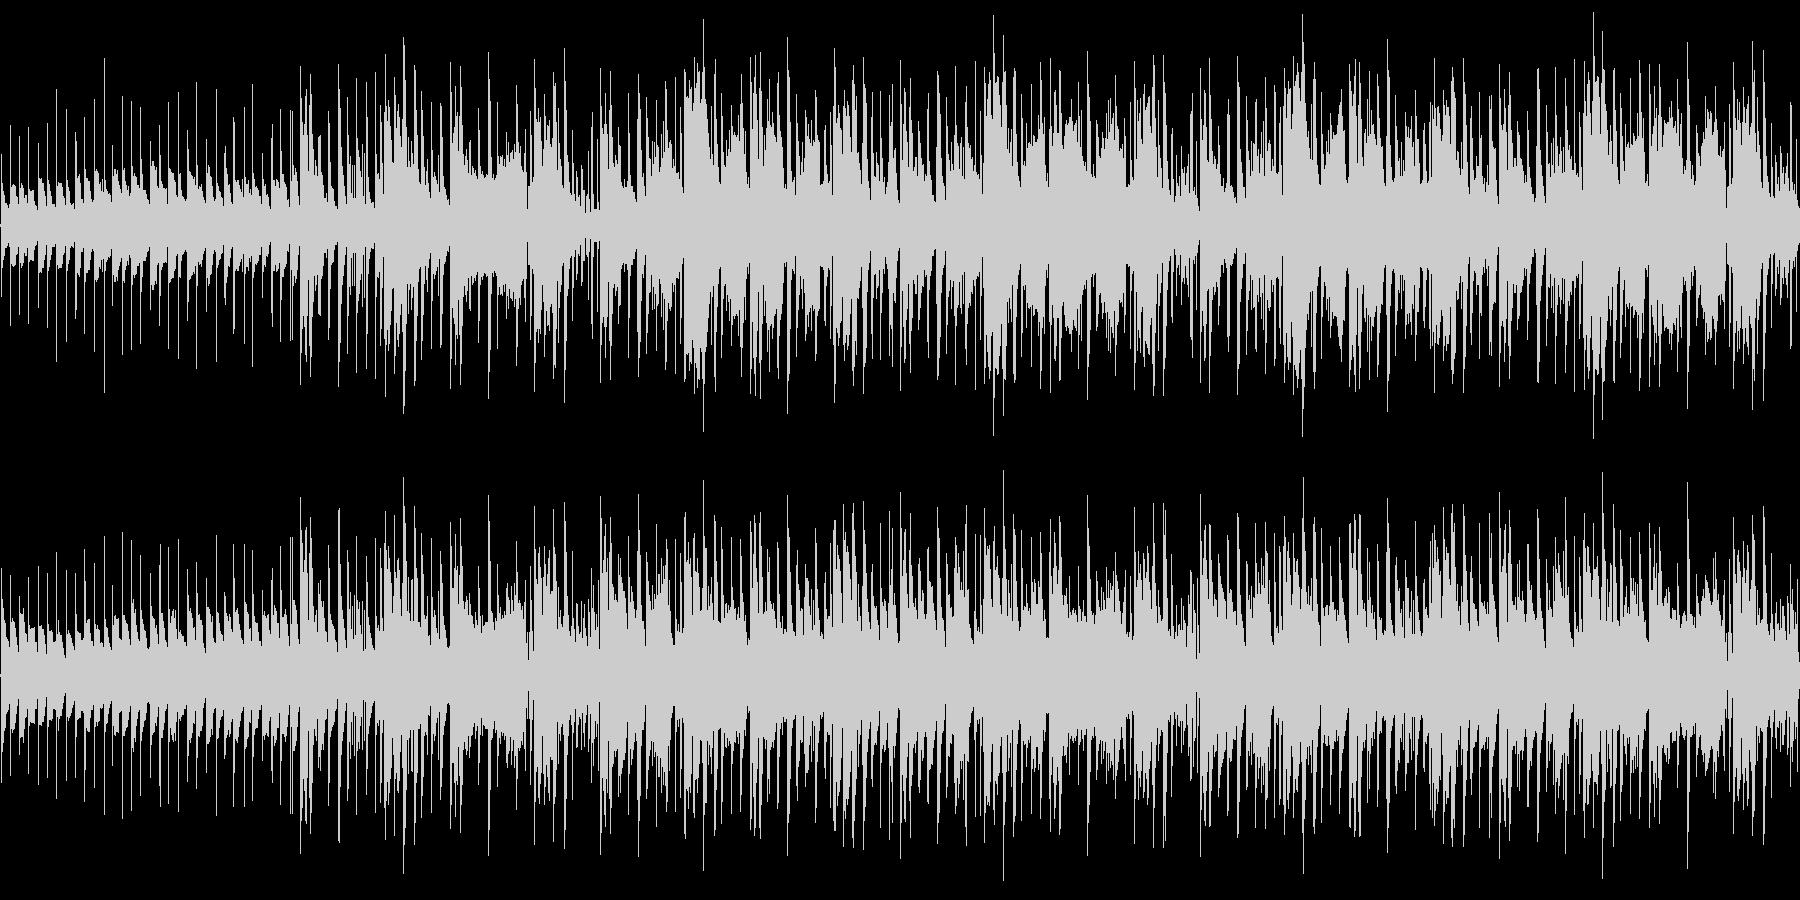 【エレクトロニカ/TRAP/ポップ】の未再生の波形